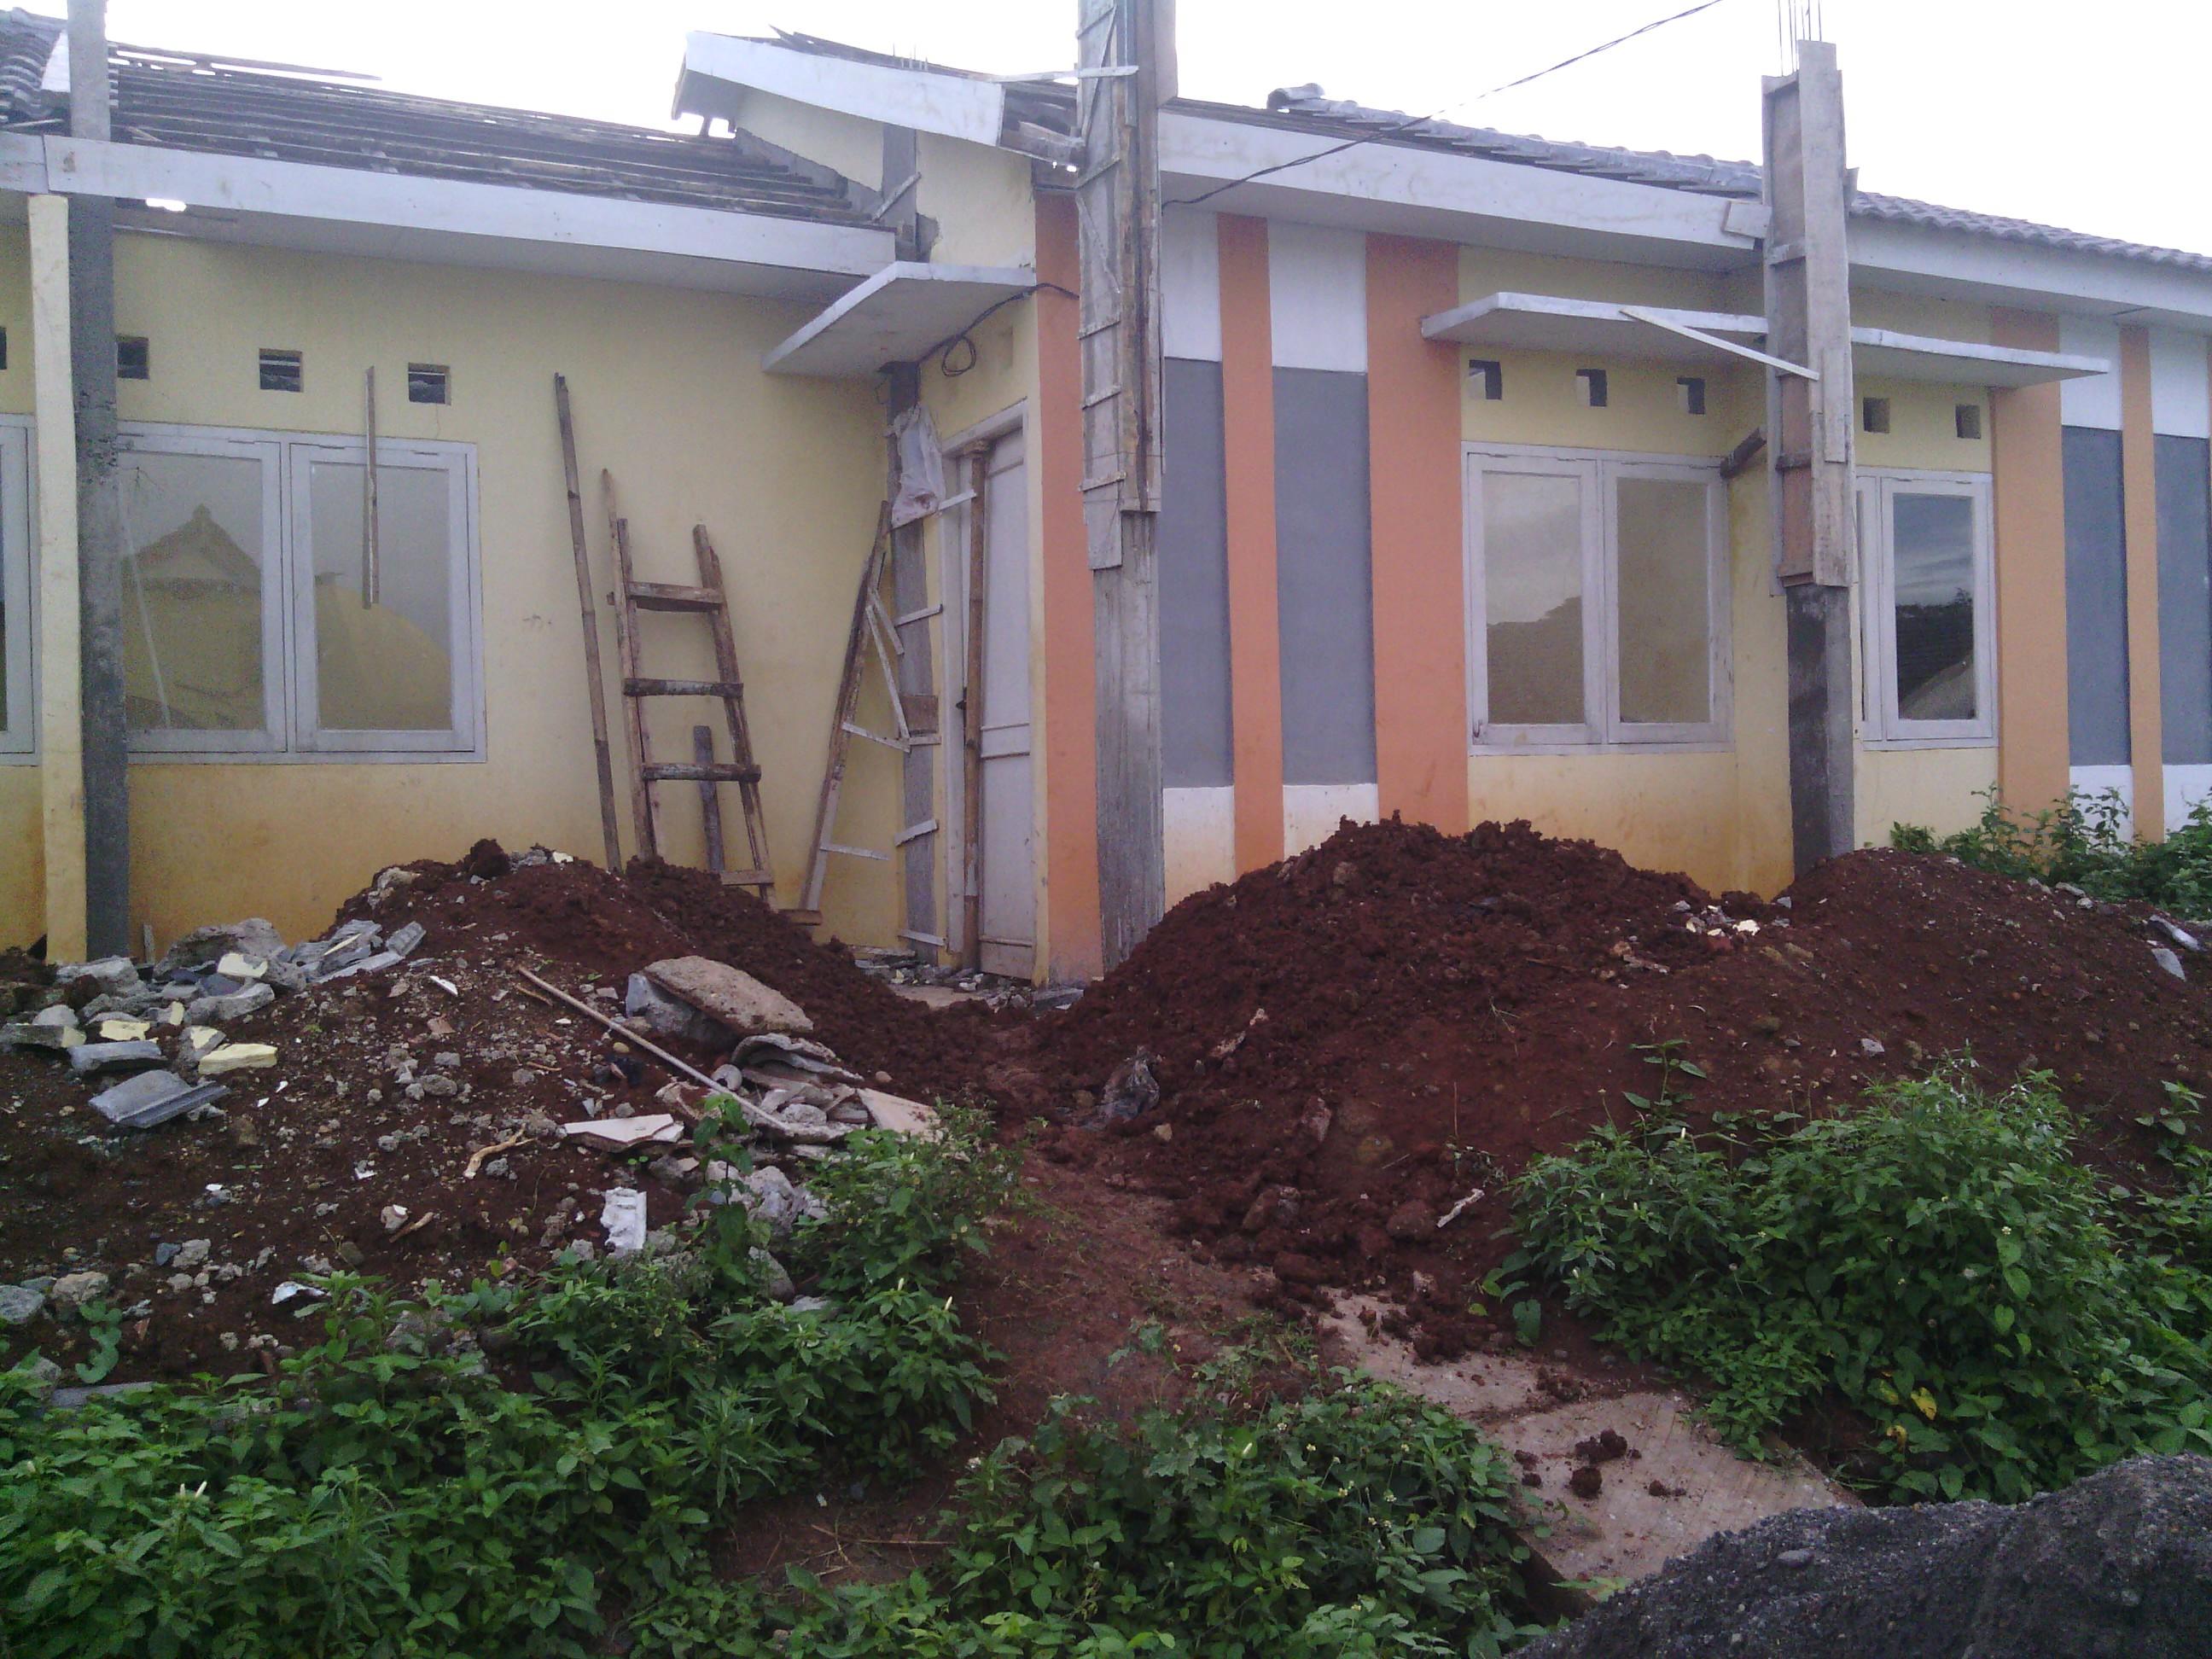 Depan Rumah Ada Tiang Listrik Tiang Depan Rumah Salah Satu